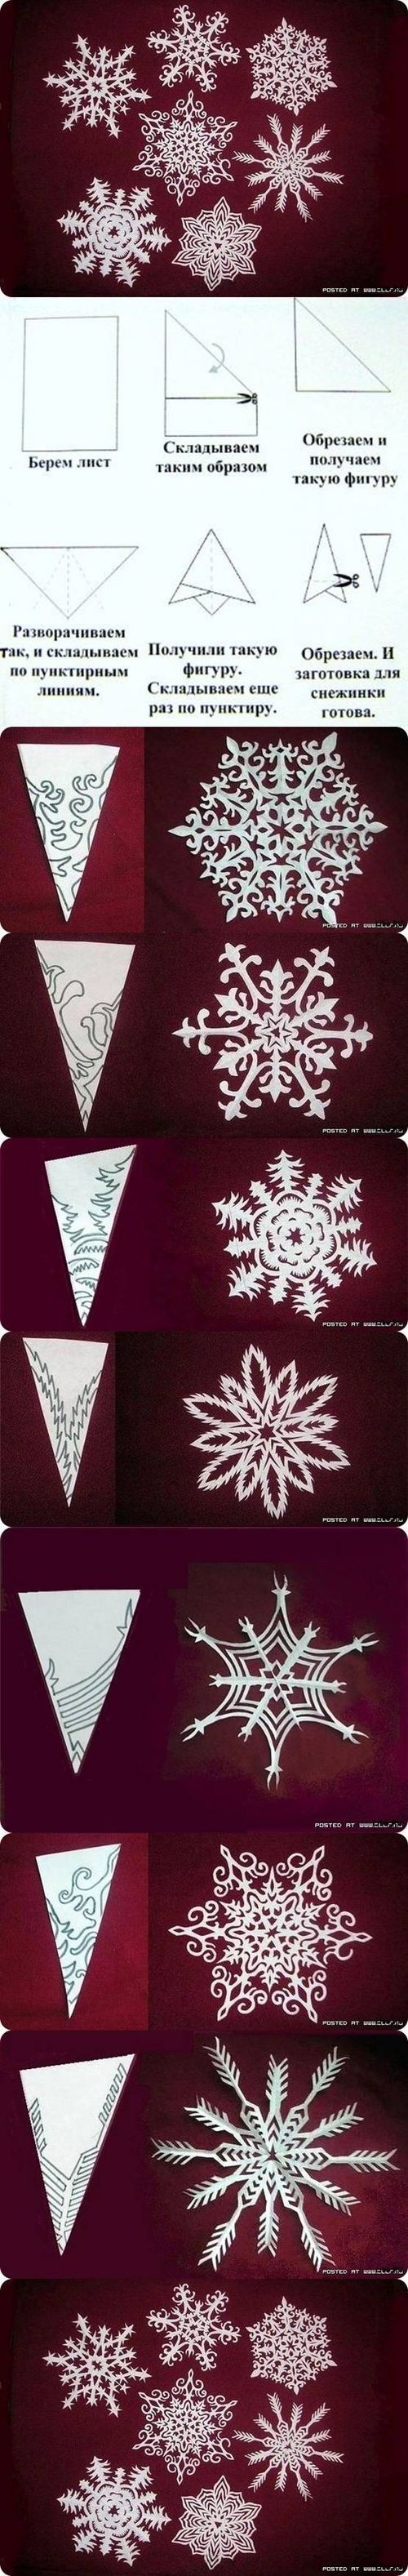 gorgeous paper snowflakes